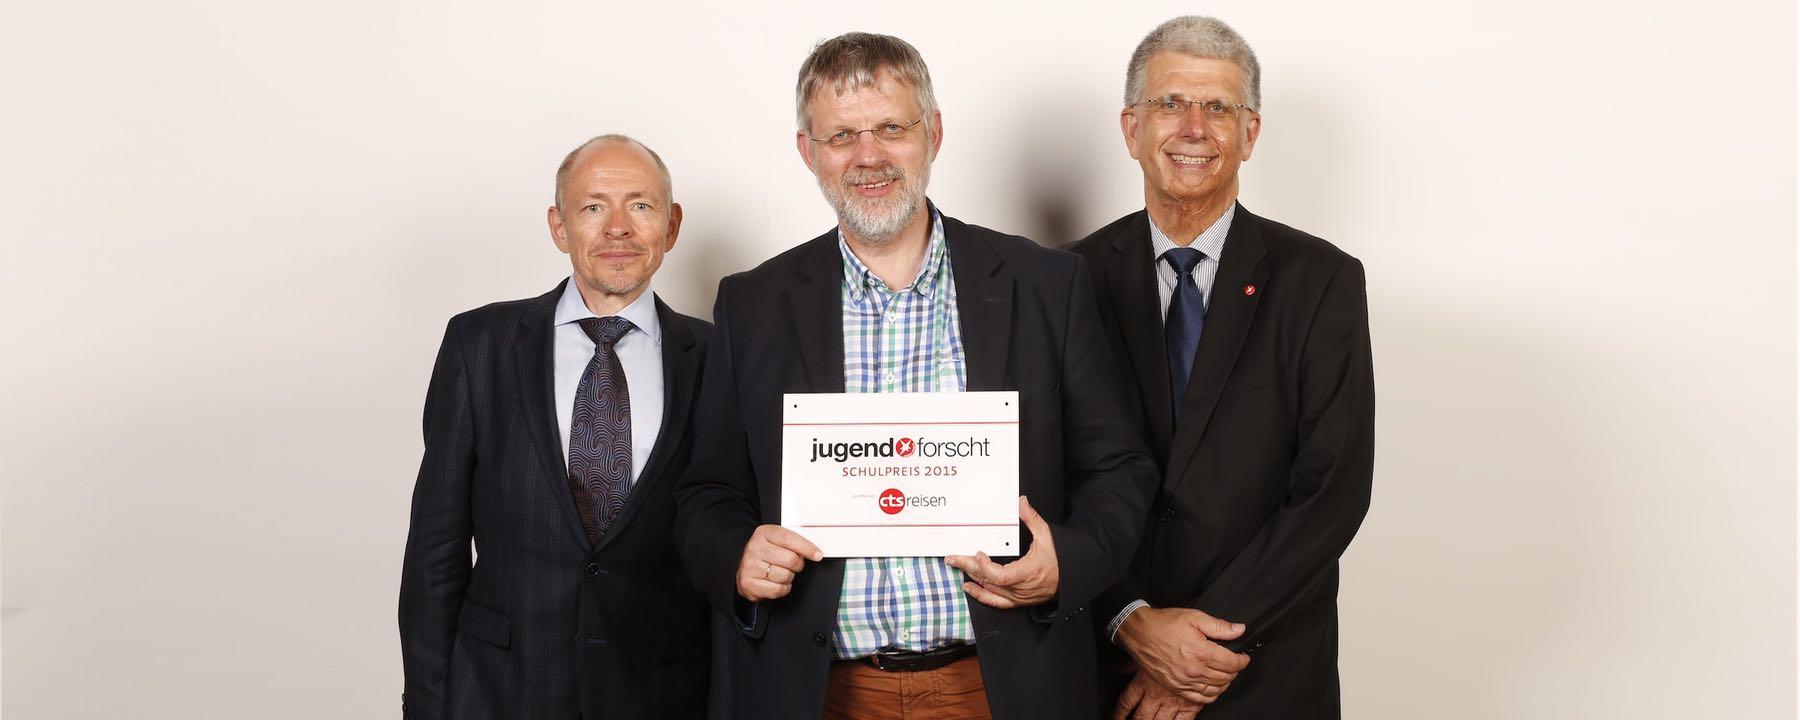 GAG Erhält Jugend-forscht-Schulpreis 2015